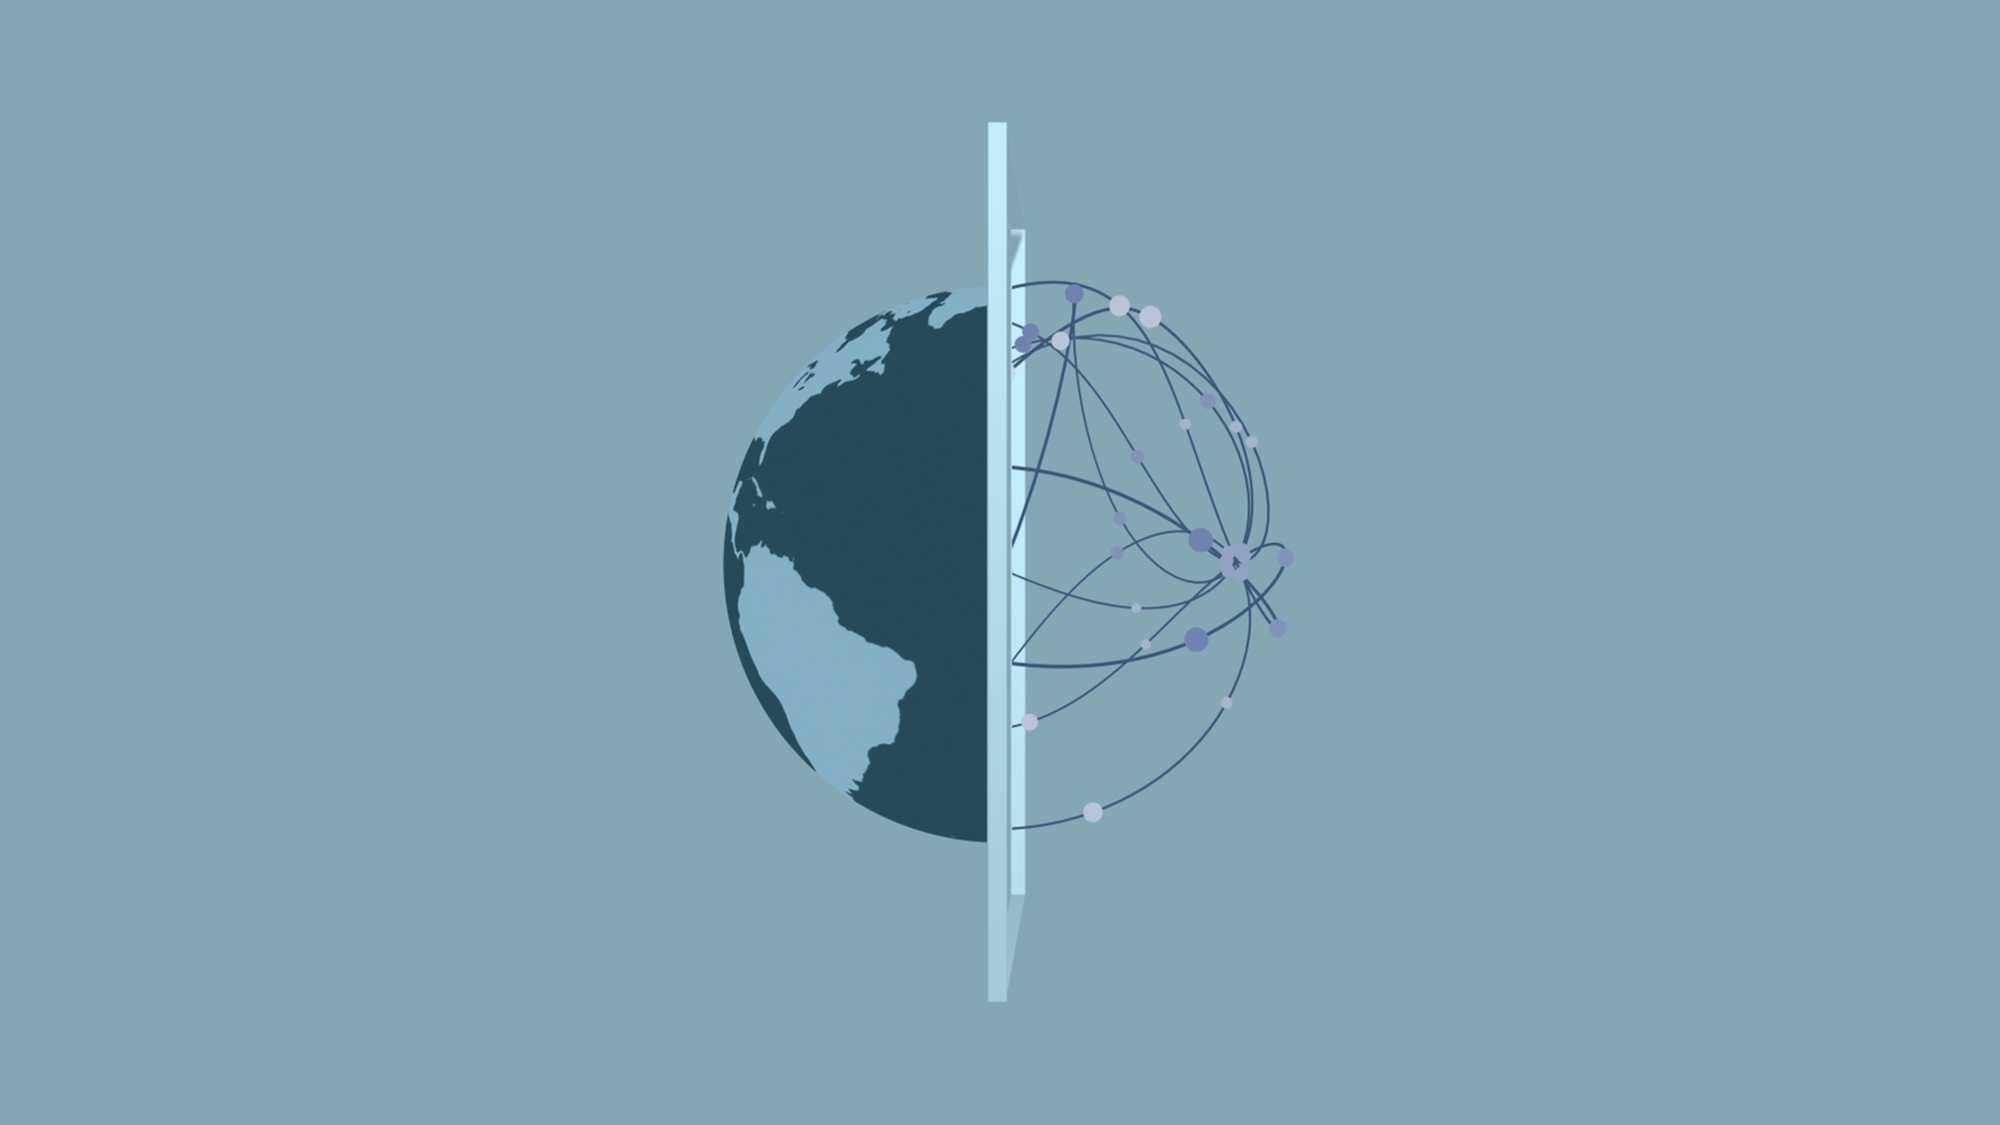 Das Bild zeigt eine Animation einer Weltkugel. Sie liegt auf einem blauen Hintergrund. In der Mitte der Kugel ist eine Trennung durch eine Linie angedeutet. Auf der linken Seite ist die Kugel normal zu sehen, mit den Kontinenten und Meeren. Auf der rechten Seite ist die Kugel nur aus Linien, die ineinander verlaufen zu sehen. Das Bild dient als Sliderbild für den Portfolioeintrag Global Aerospace Campus Erklärfilm von Panda Pictures.